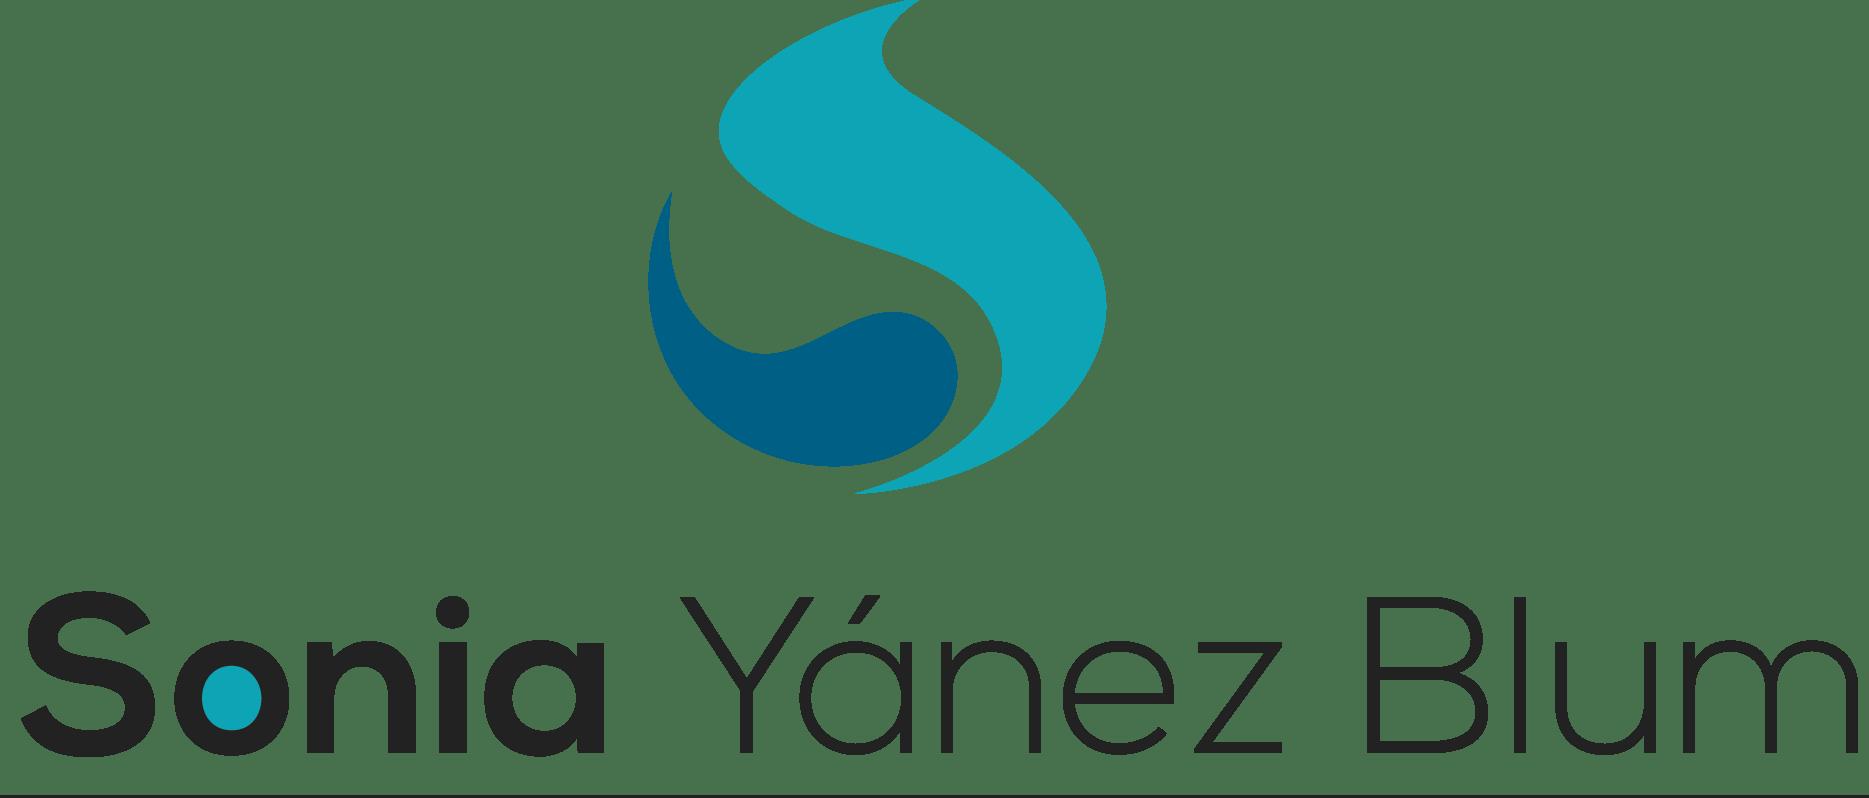 Sonia Yánez Blum –  Especialista en Digital PR y RRPP